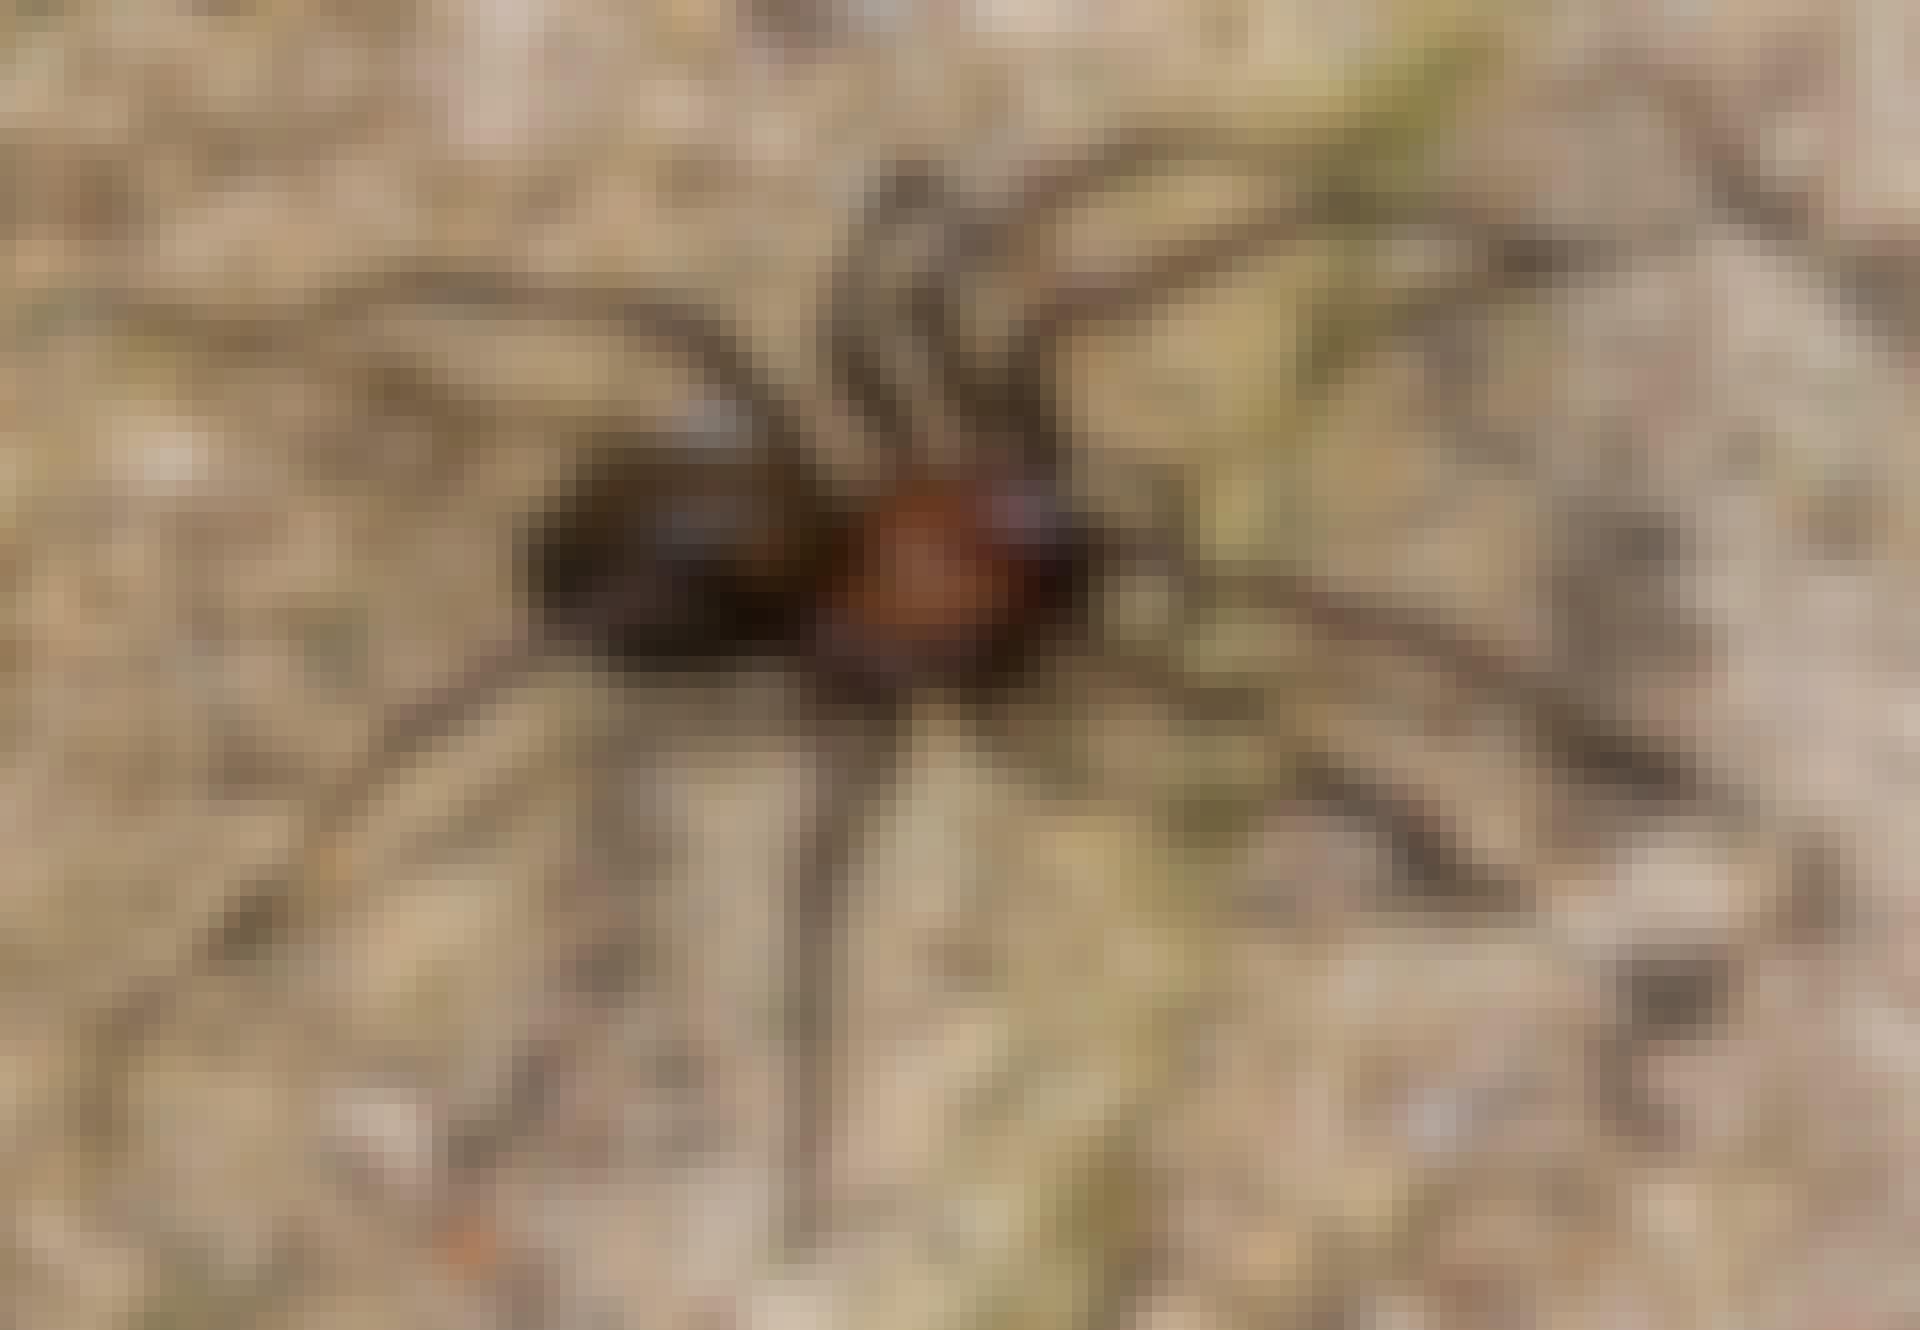 Spindlar i Sverige – Större husspindel